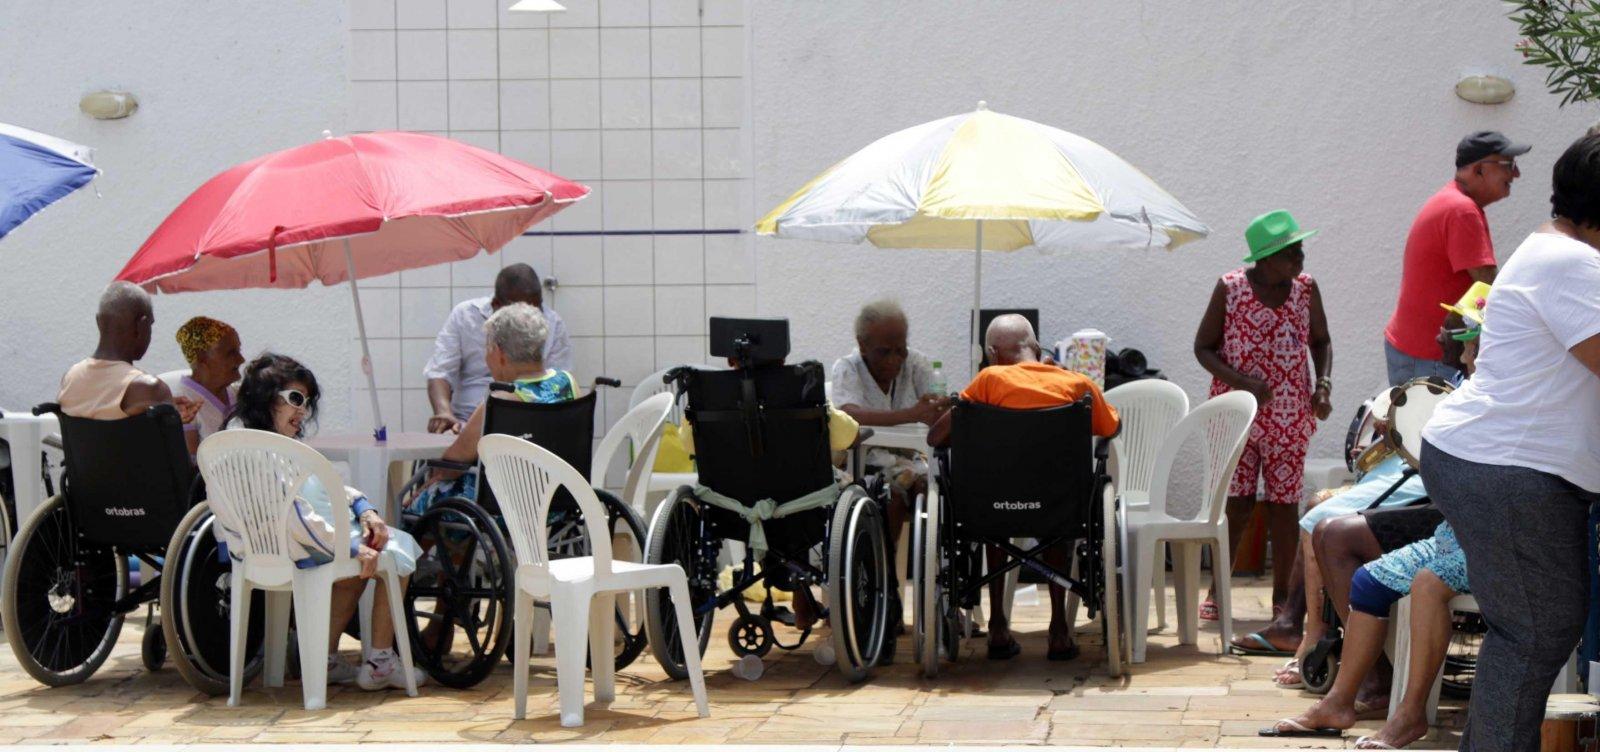 [Quase 70% dos idosos brasileiros sofrem de doença crônica, diz Ministério da Saúde]